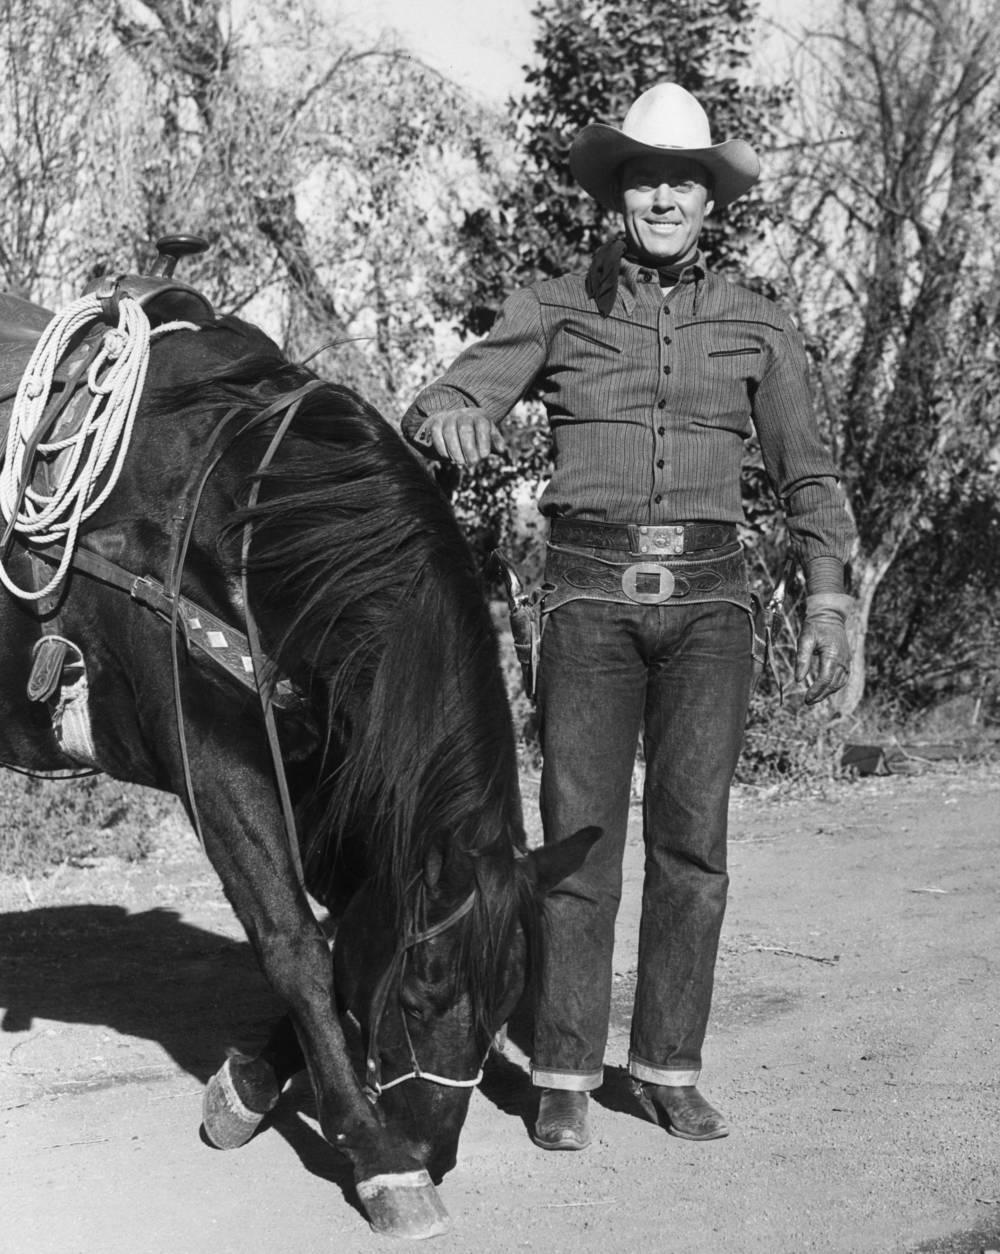 Cowboy Bootcut